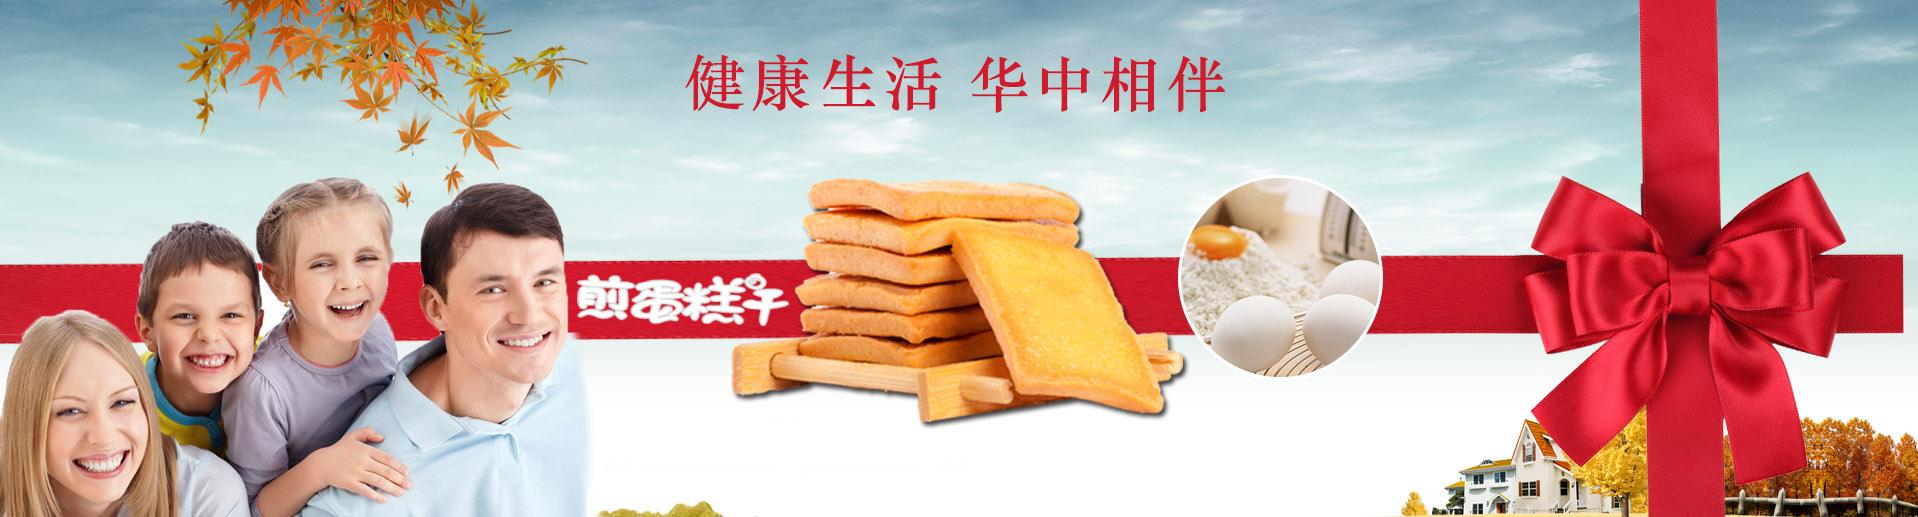 金米郎糕点系列产品